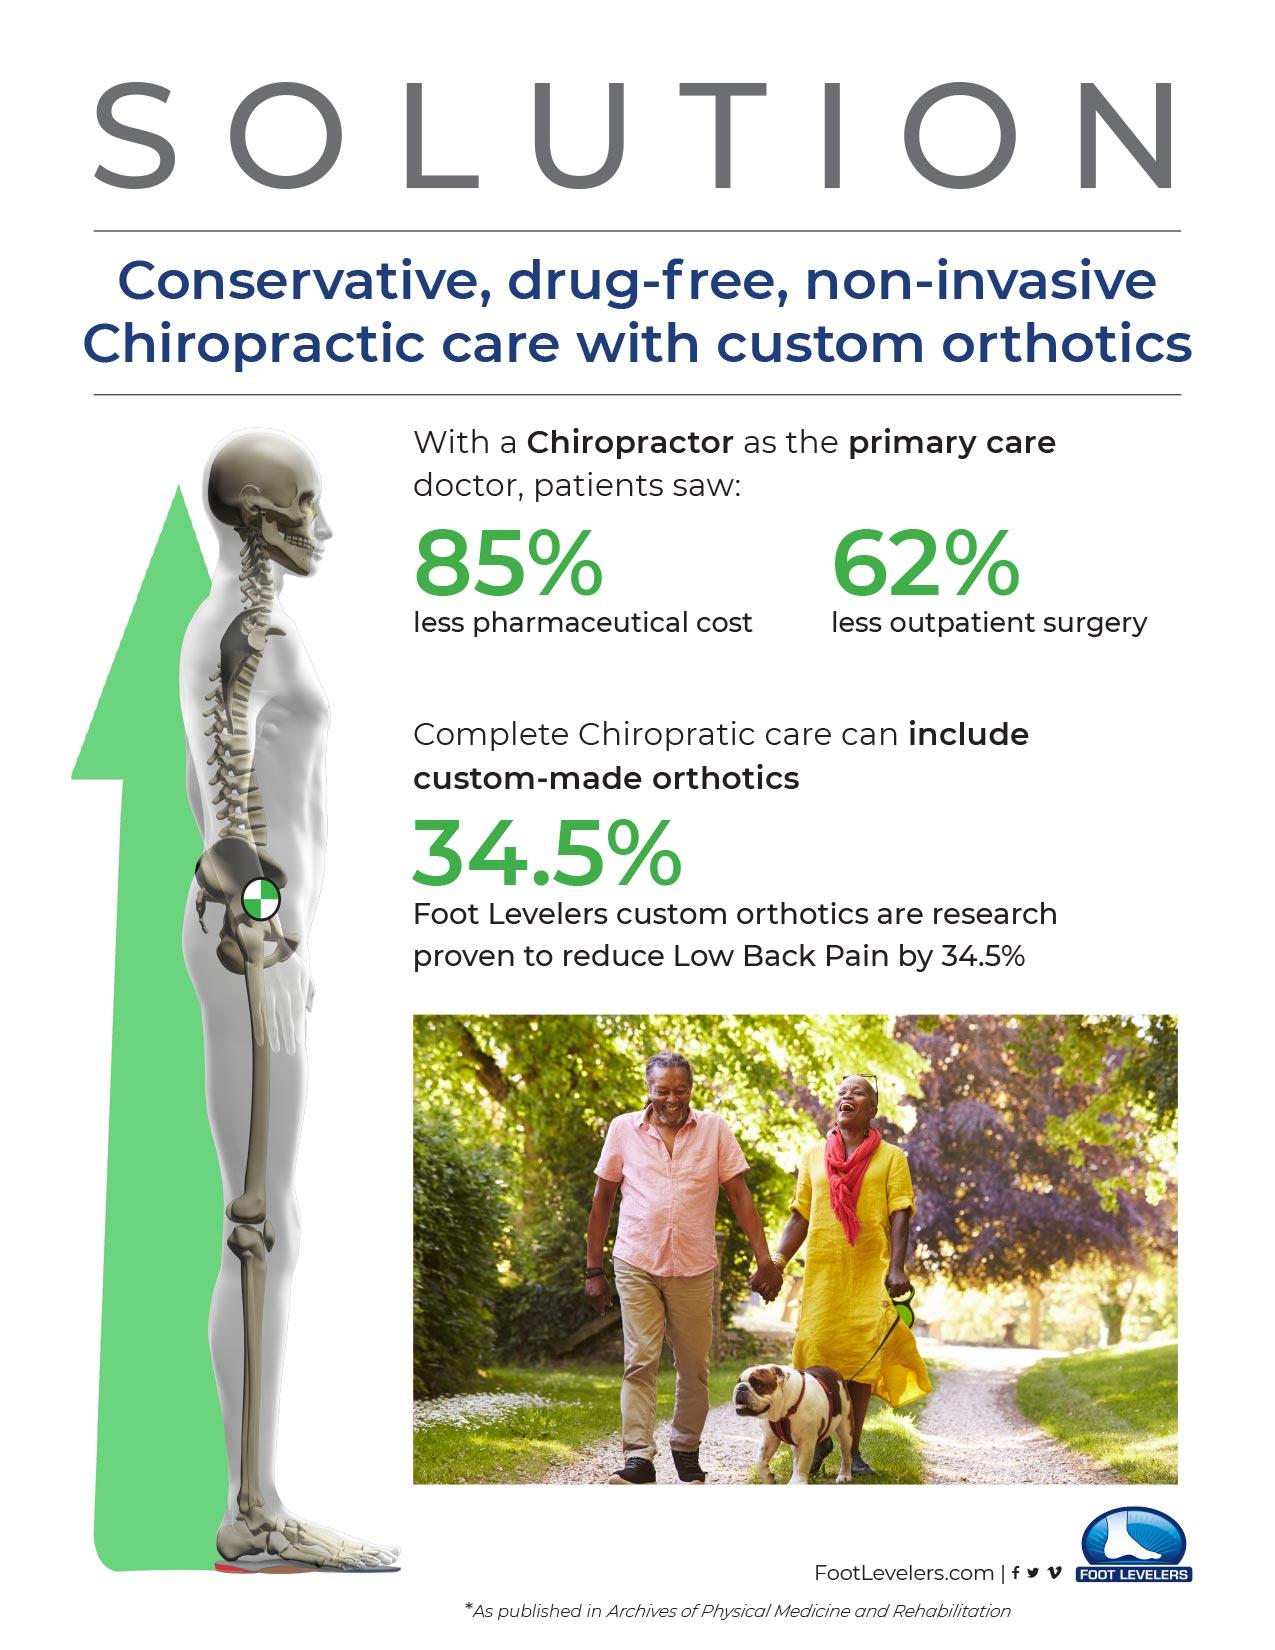 11860 Vista Del Sol Dr # 128, Qué debe saber sobre la artritis reumatoide (AR) El Paso, Texas